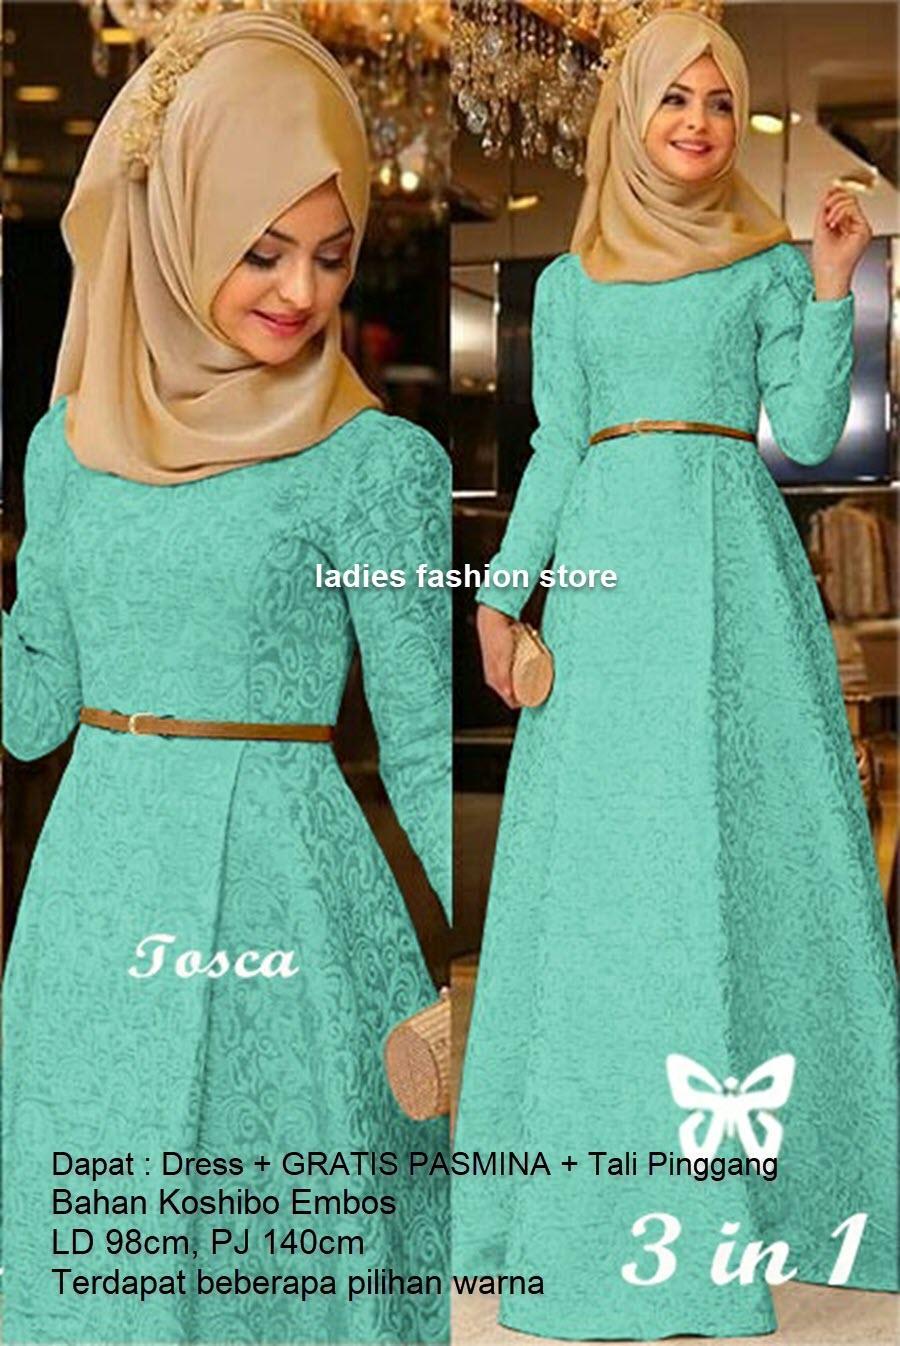 Fitur Gamis Wanita Muslimah Modern Gamis Remaja Polos Murah Dress